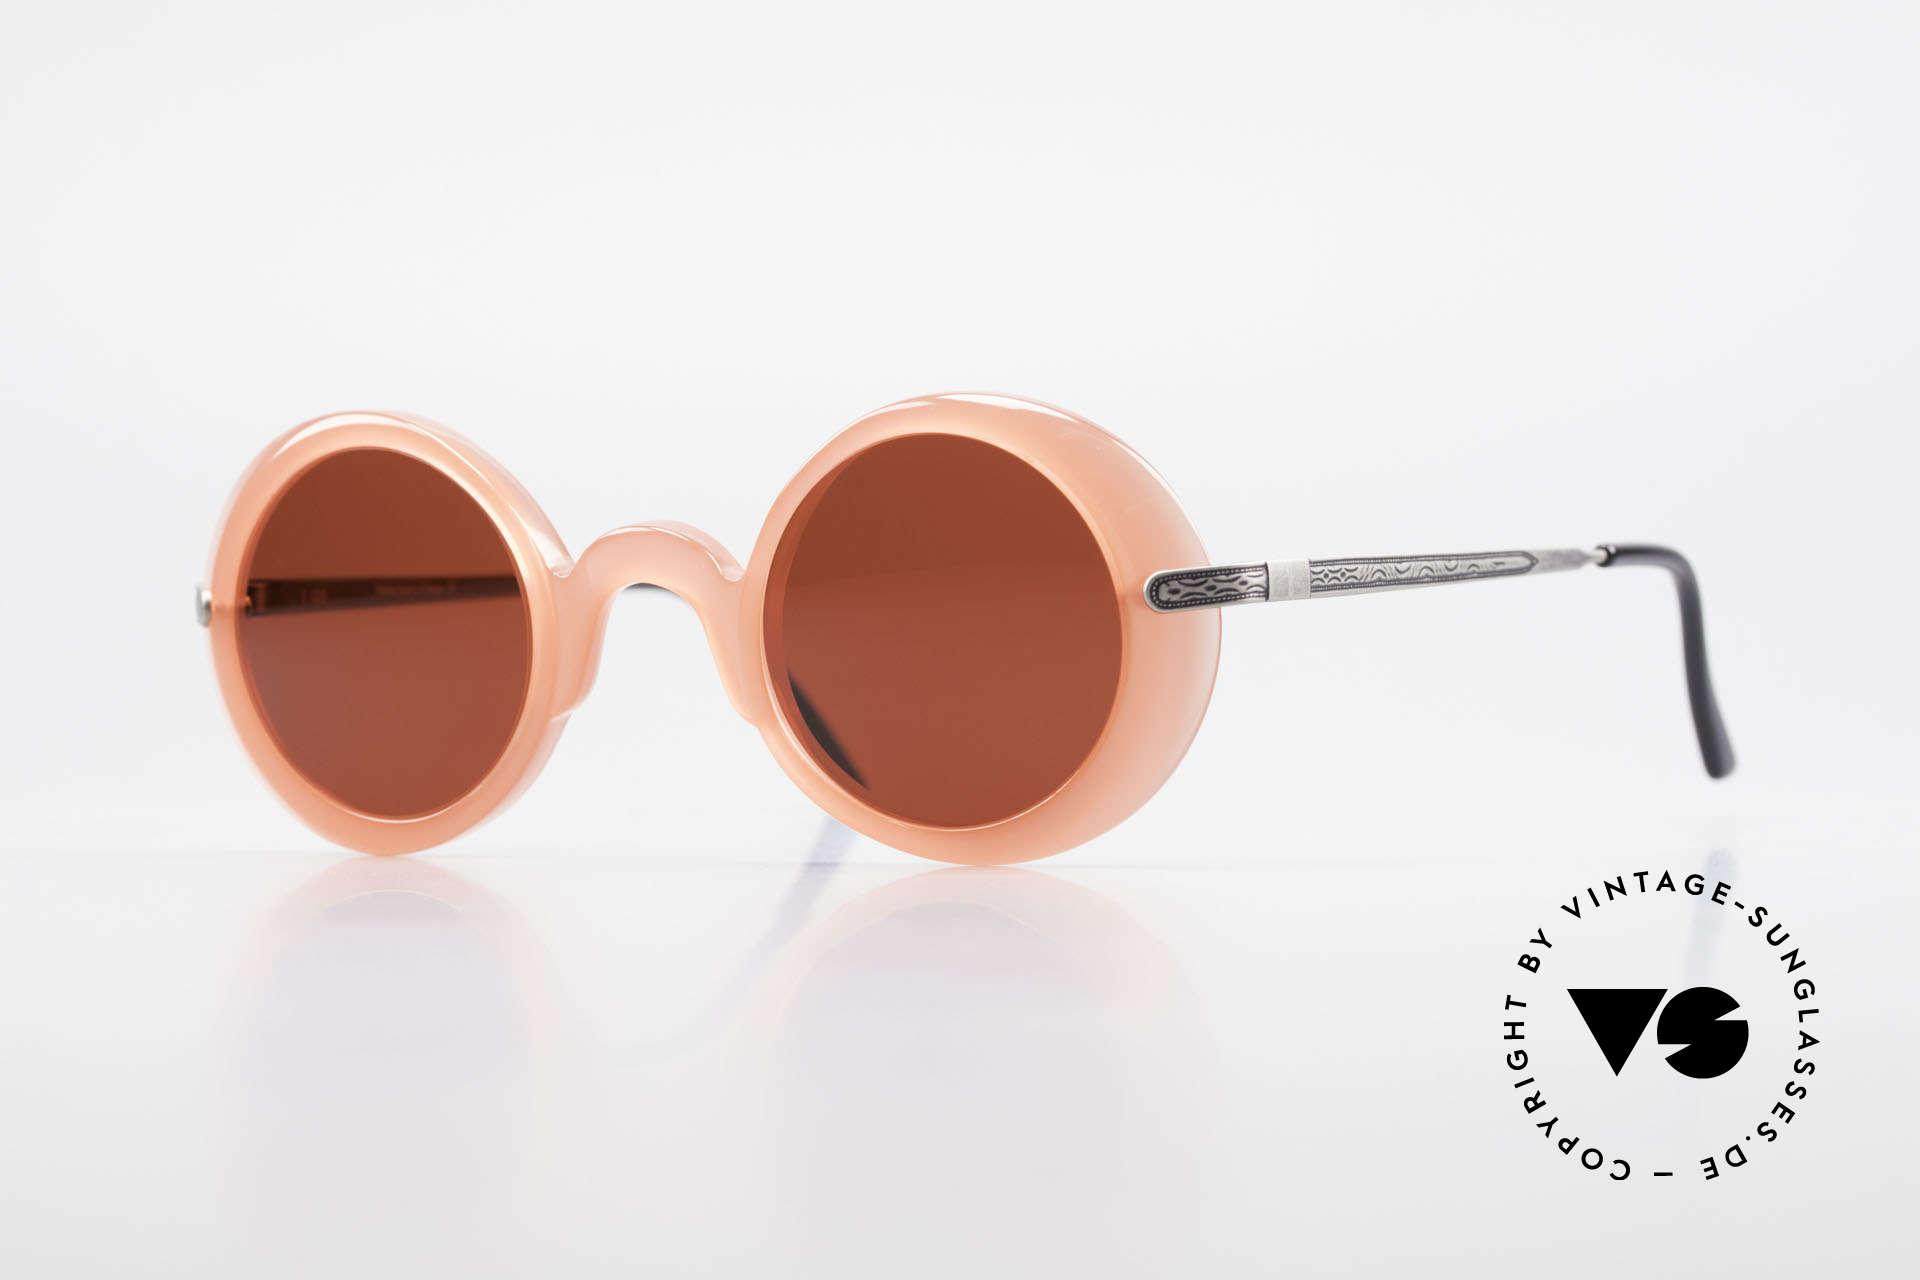 IDC I025 90er Spassbrille Steampunk, 'spacy' vintage IDC Designer-Sonnenbrille, Frankreich, Passend für Damen